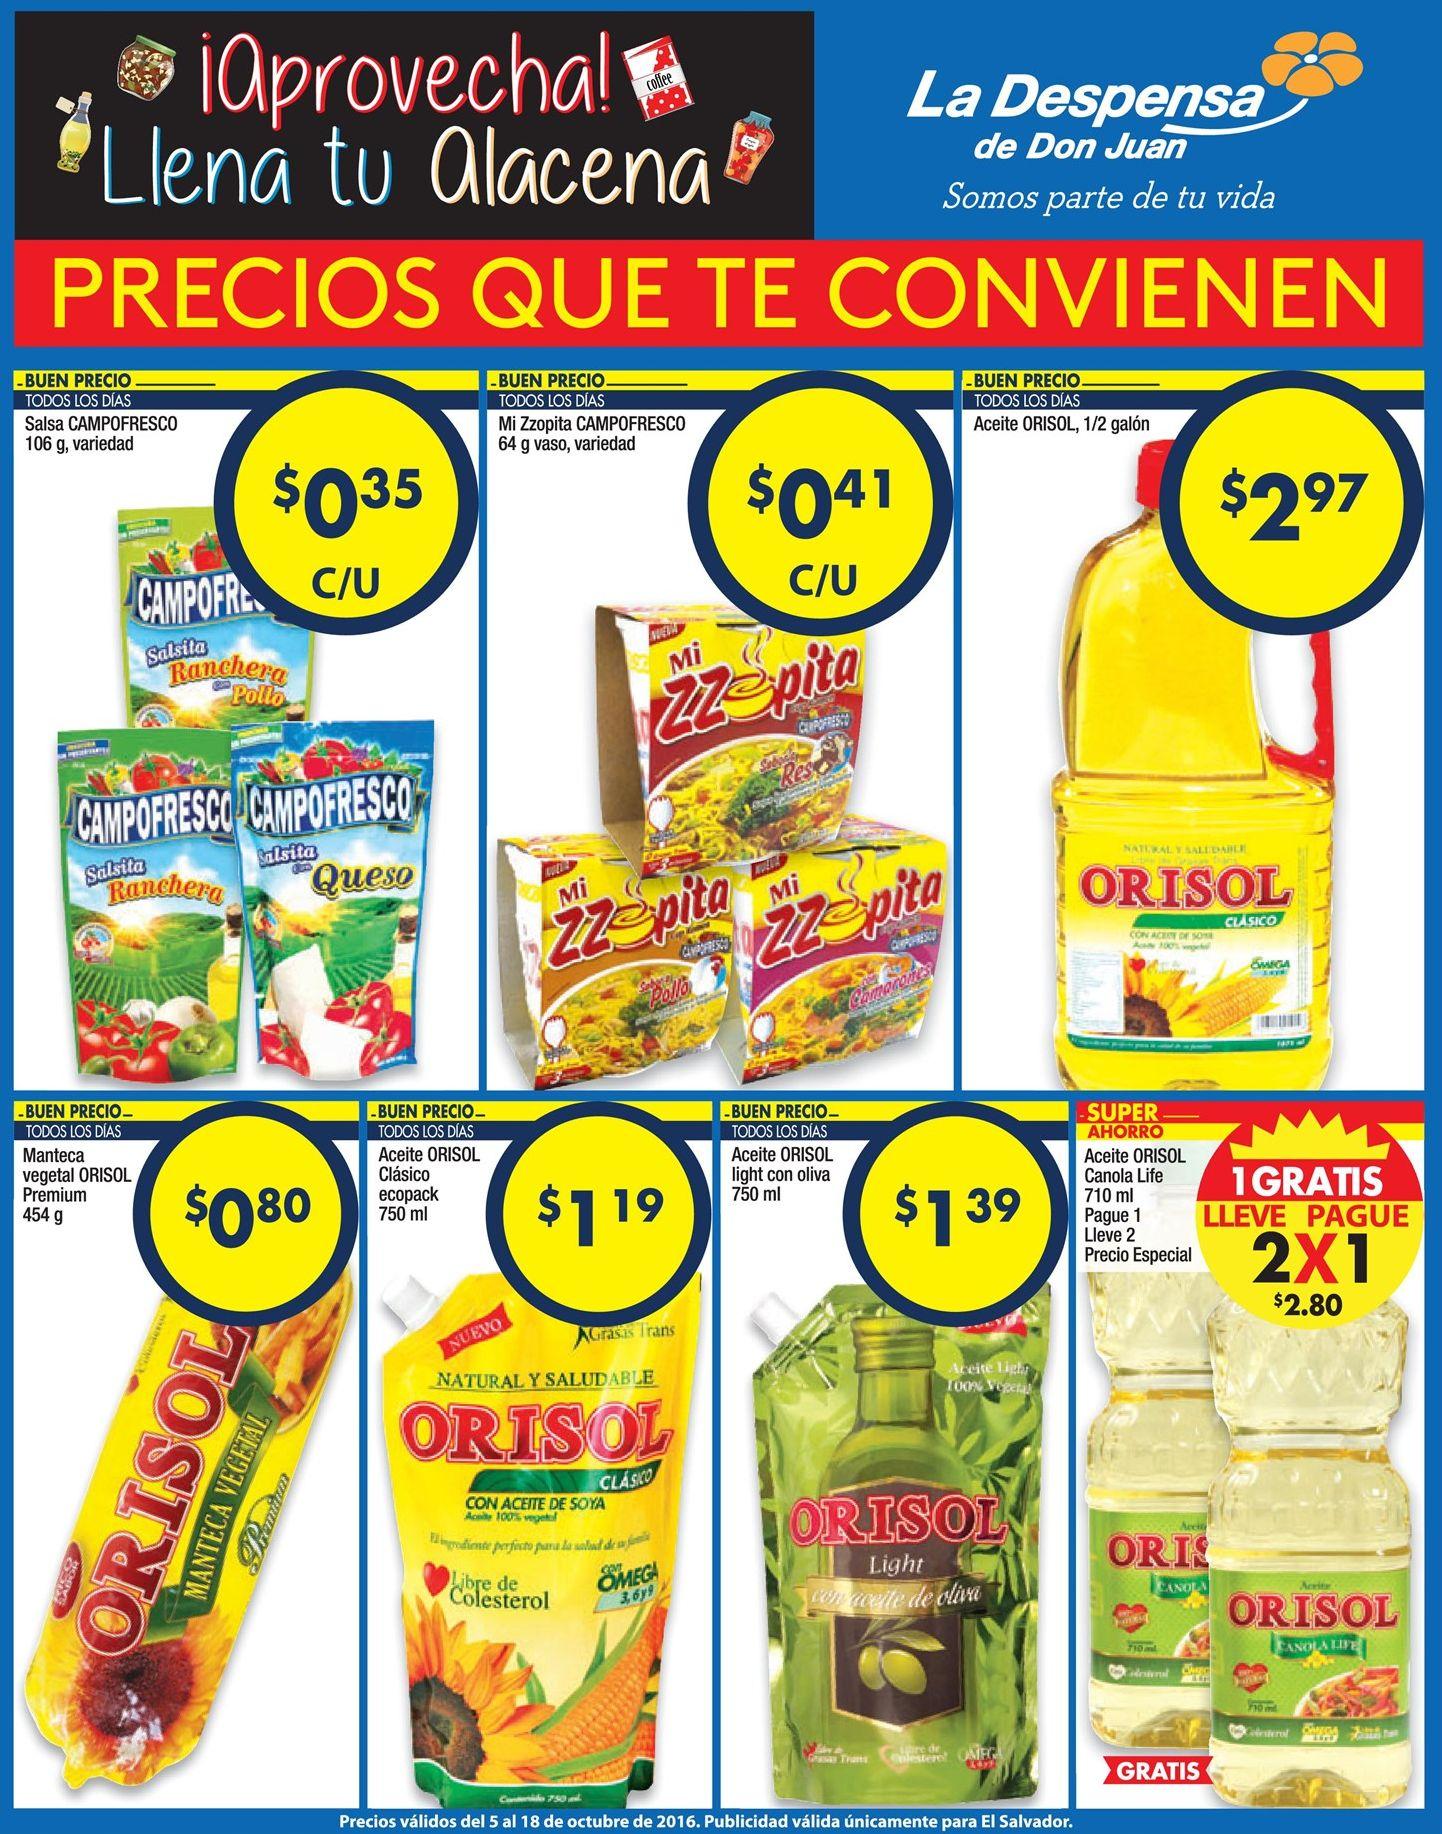 bajos-los-precios-en-aceite-orisol-la-despensa-05oct16